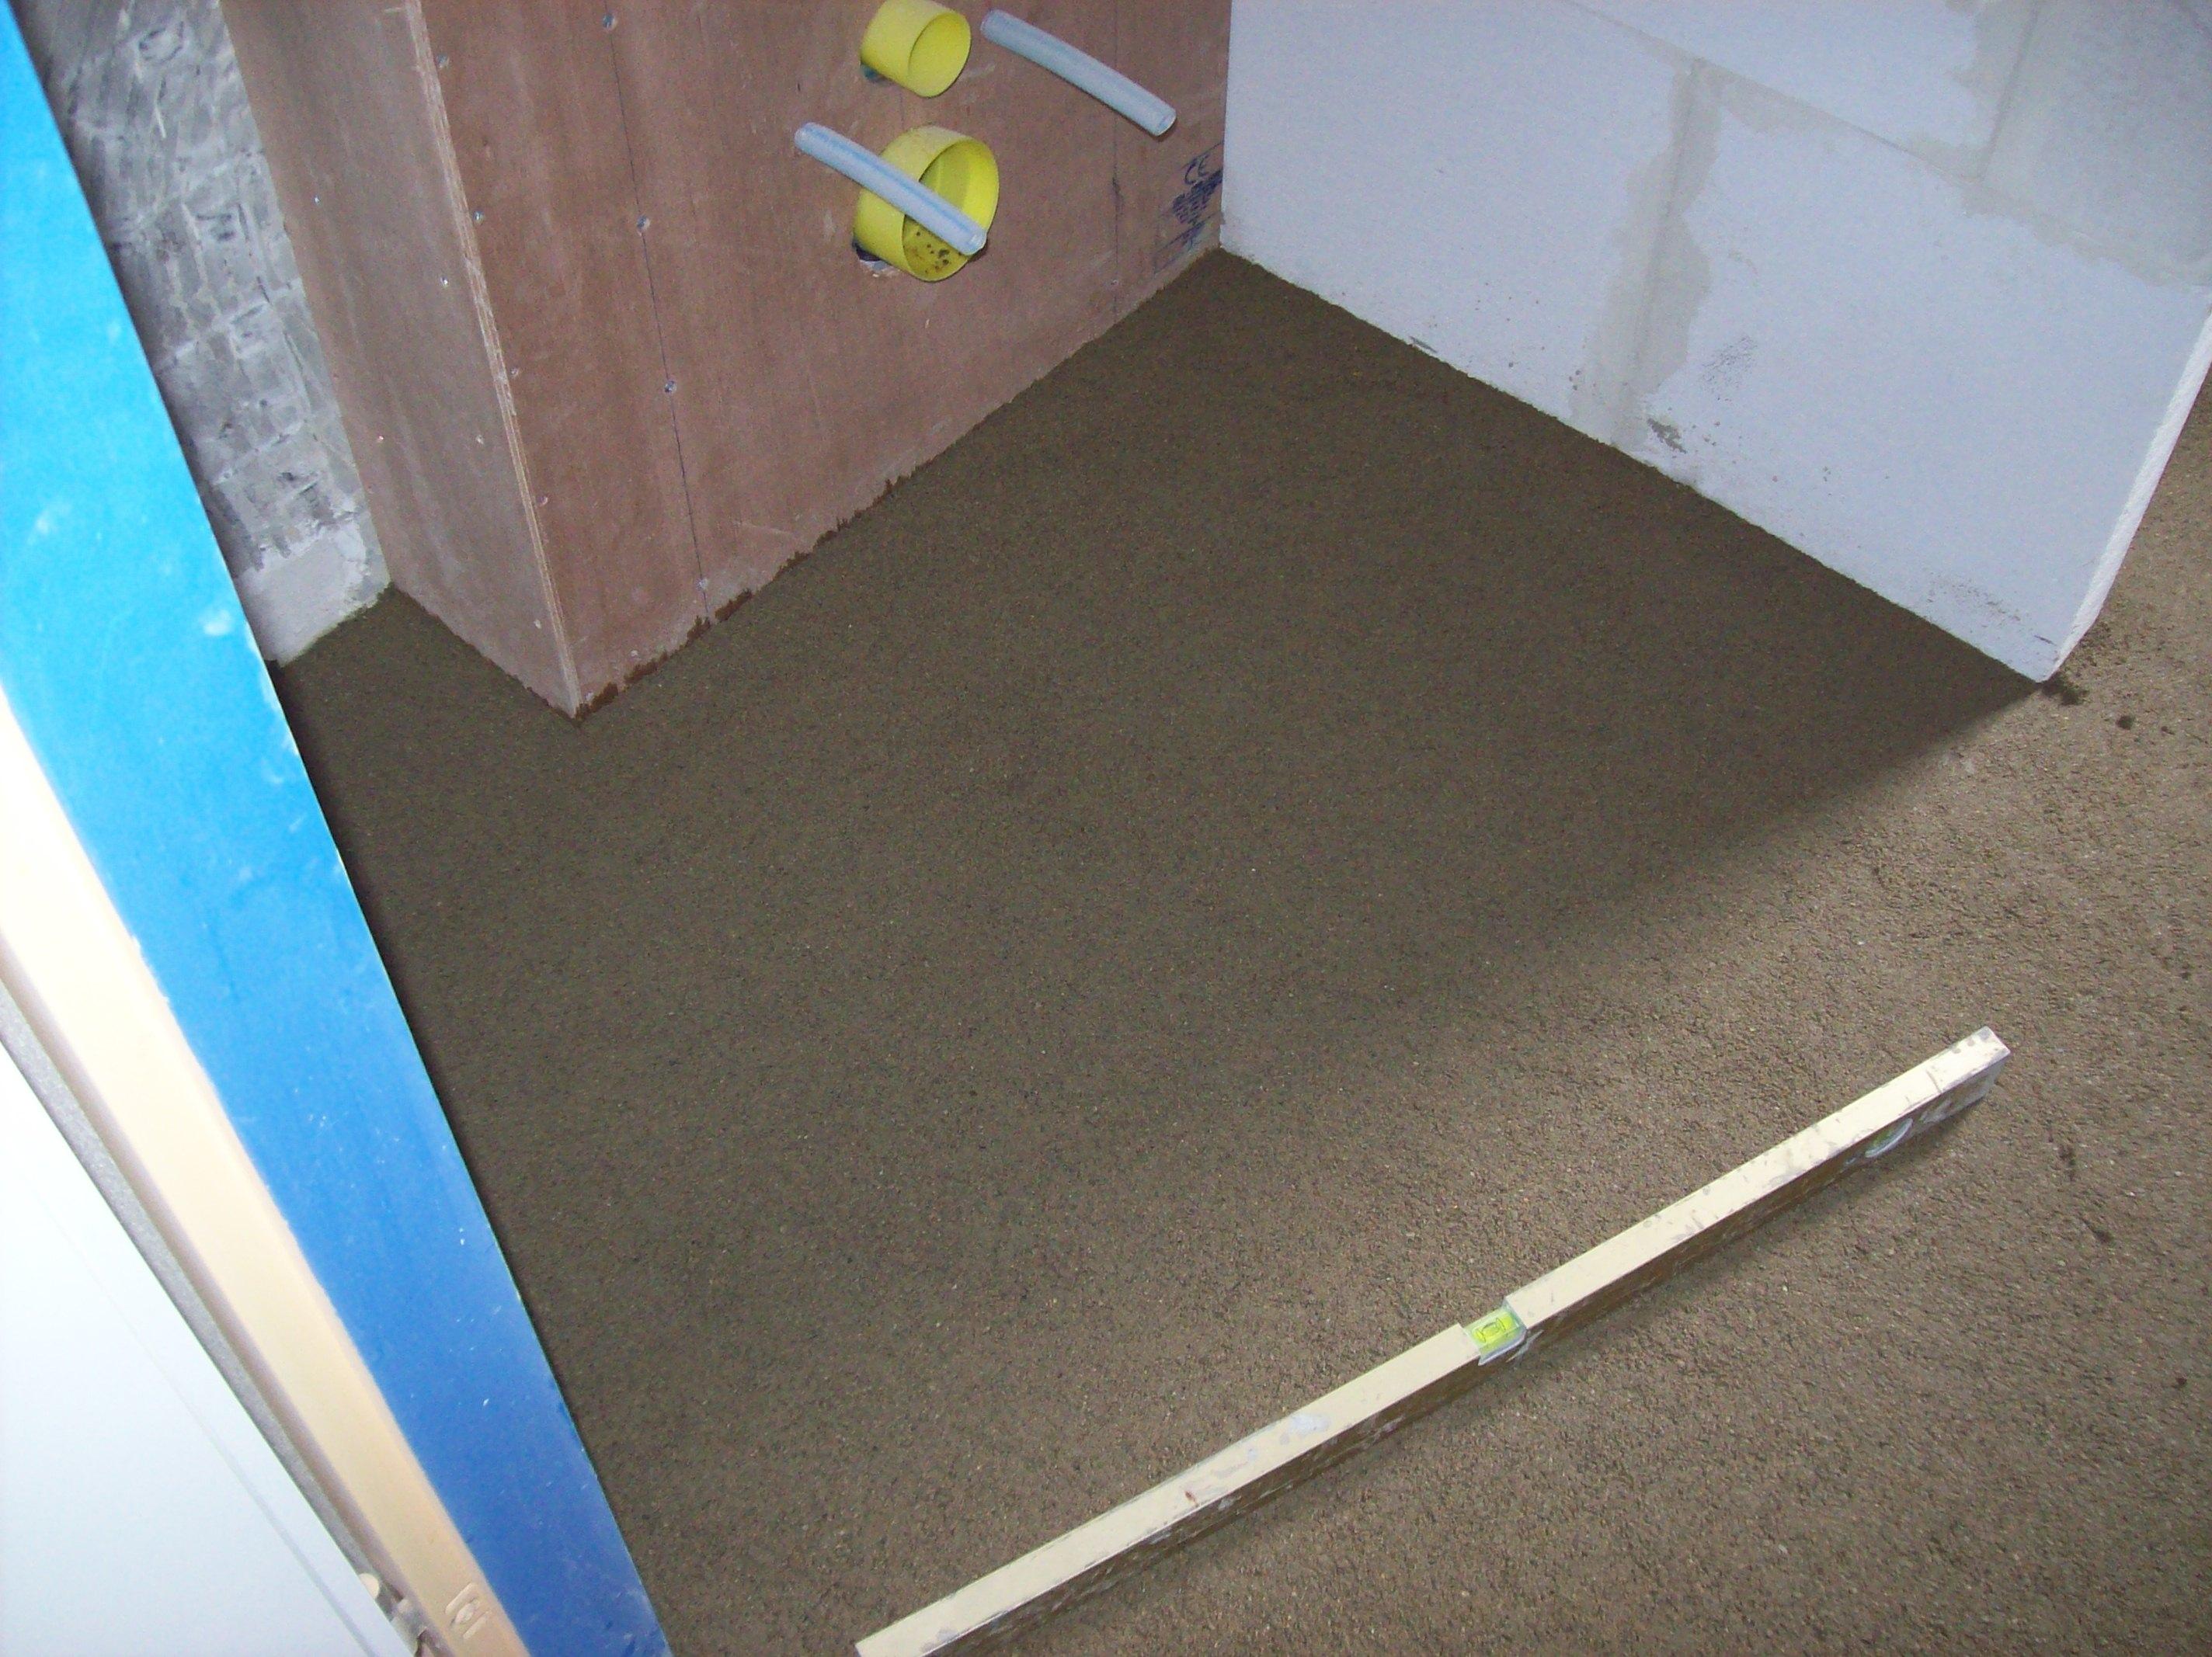 badkamer verbouwing + wtw unit | familie kleinman blog, Badkamer